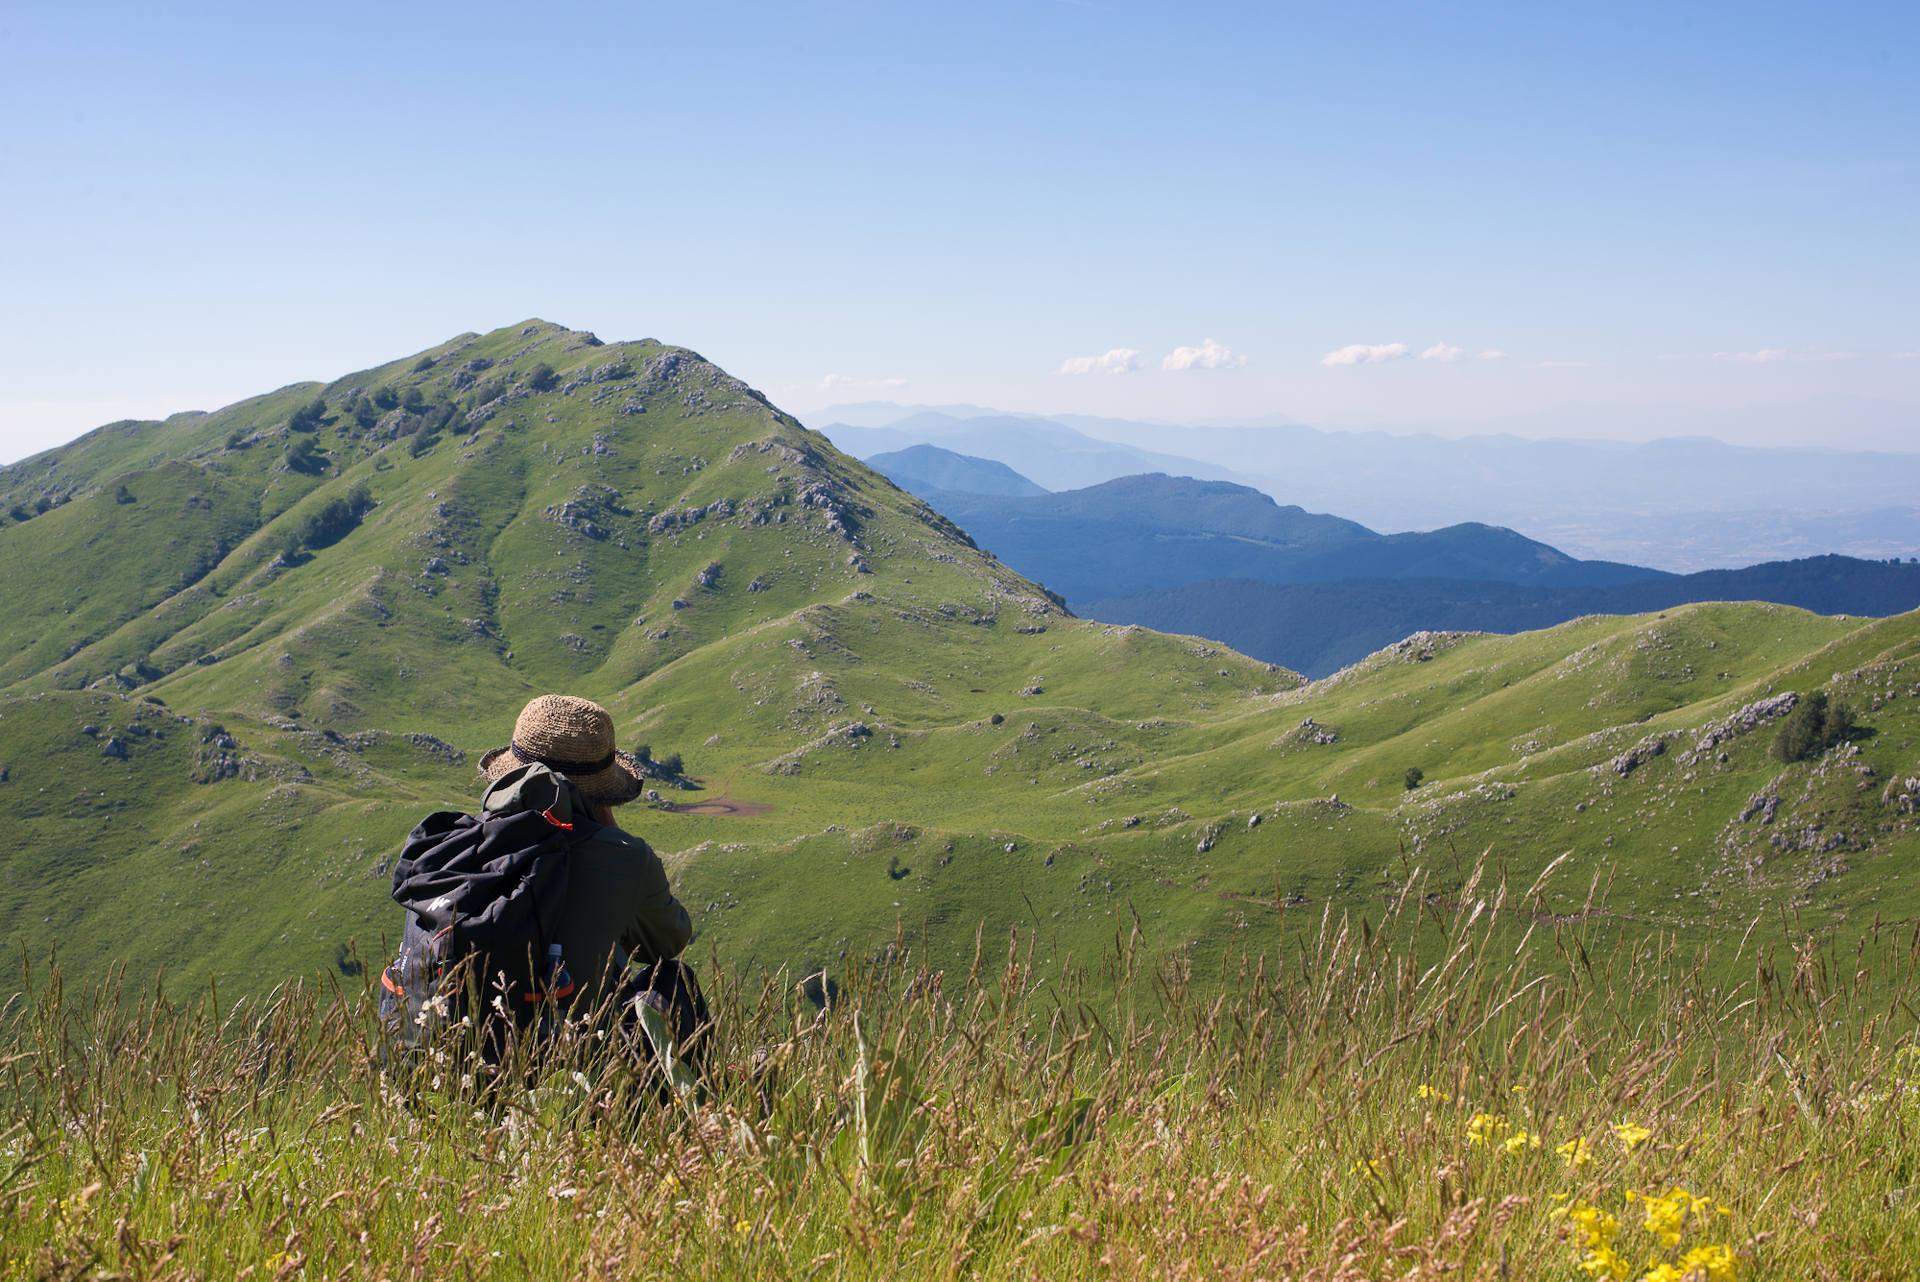 trekking molise campo dell'arco san massimo campobasso